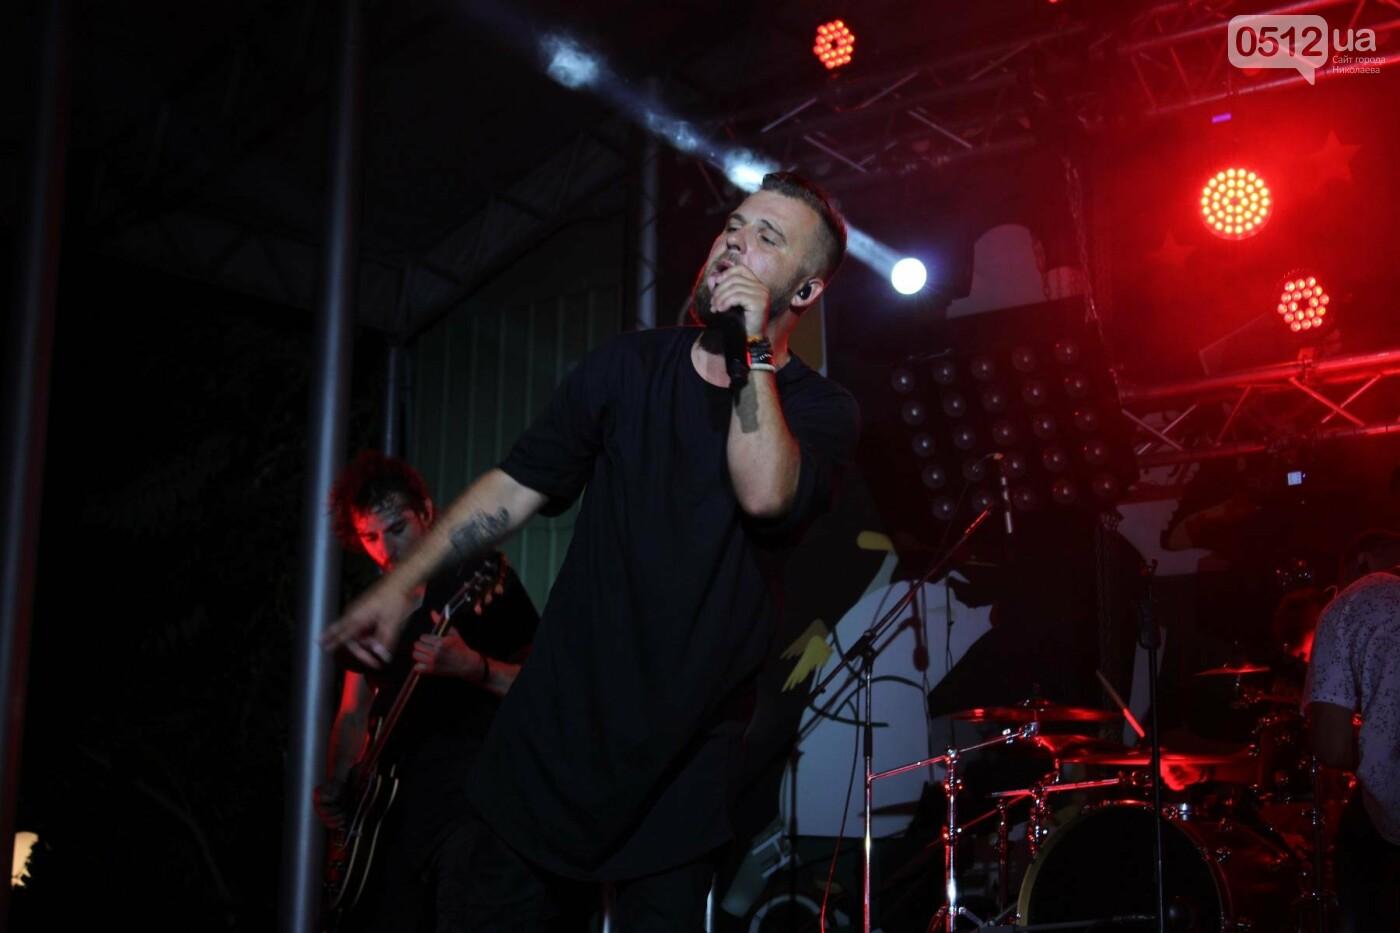 """Группа """"Без обмежень"""" сыграла громкий концерт в Николаеве - ФОТОРЕПОРТАЖ, ВИДЕО , фото-5"""